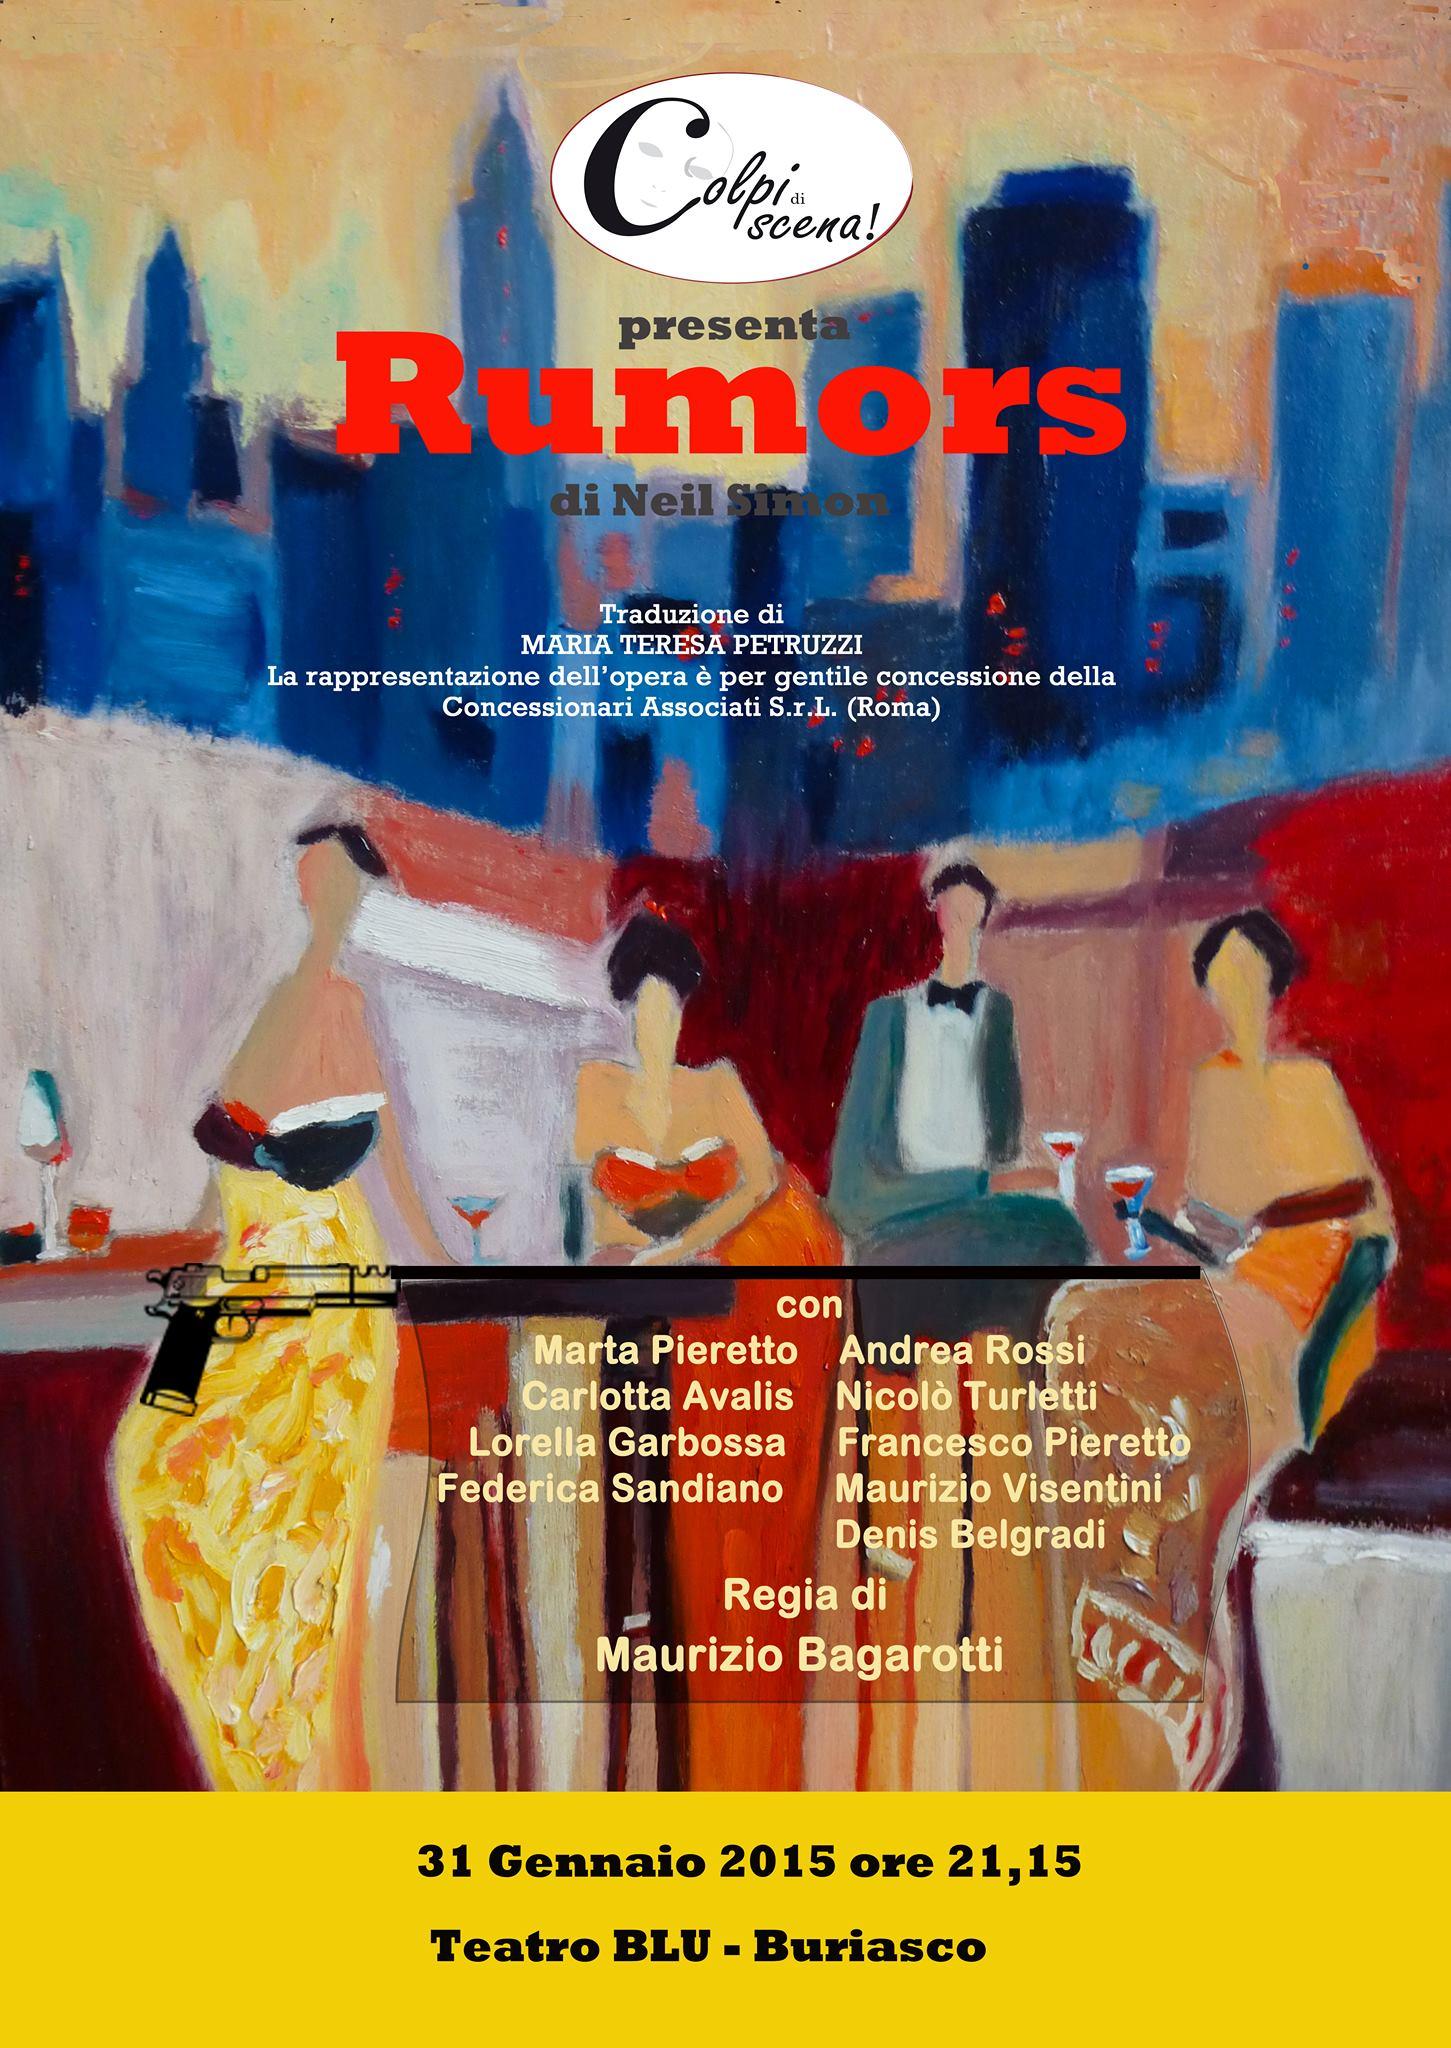 """Buriasco. I """"Colpi di scena!"""" presentano """"Rumors"""" di Neil Simon"""